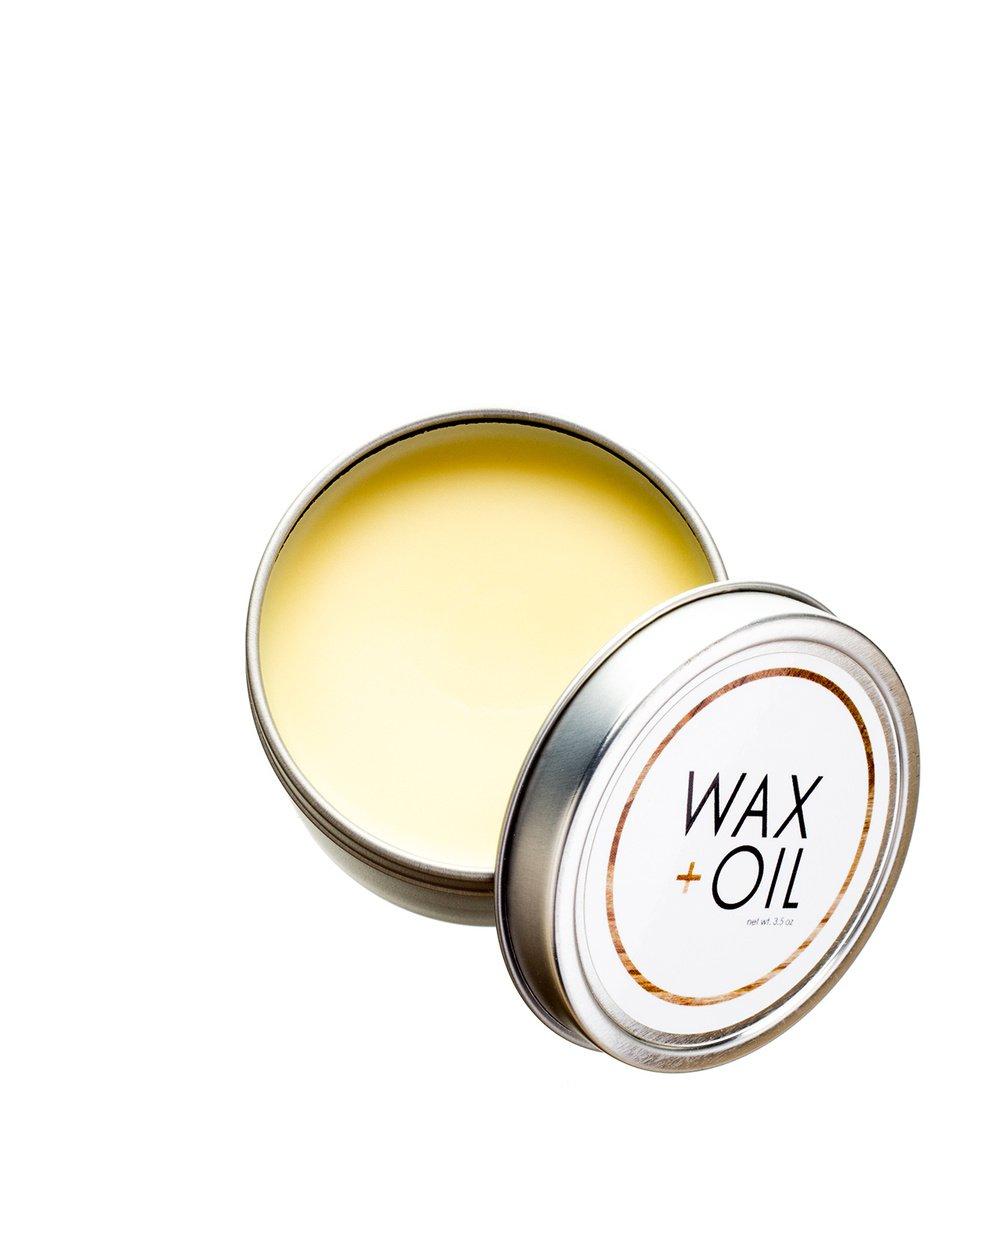 wax_oil_open_1024x1024@2x.jpg